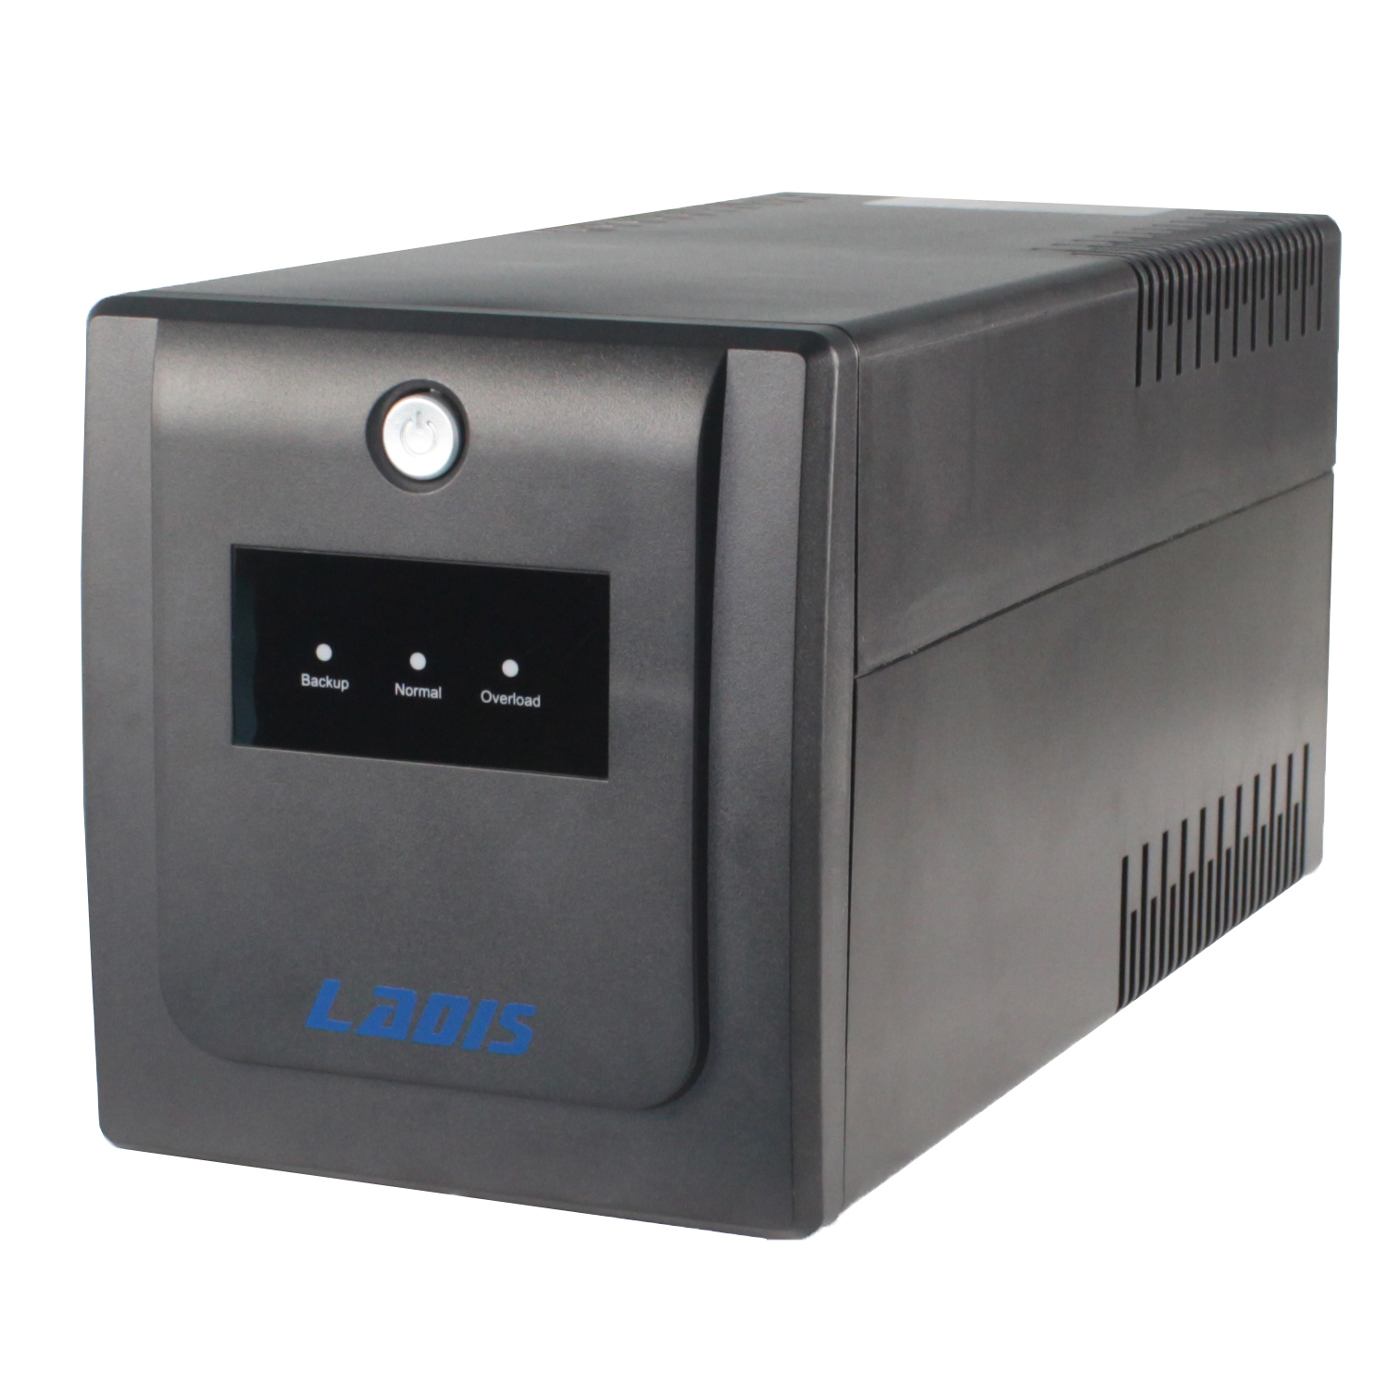 Ди Рэй Отдела 600 вт D1000UPS бесперебойного электропитания батарея один компьютер посвящено 45 минут эффективное регулирование